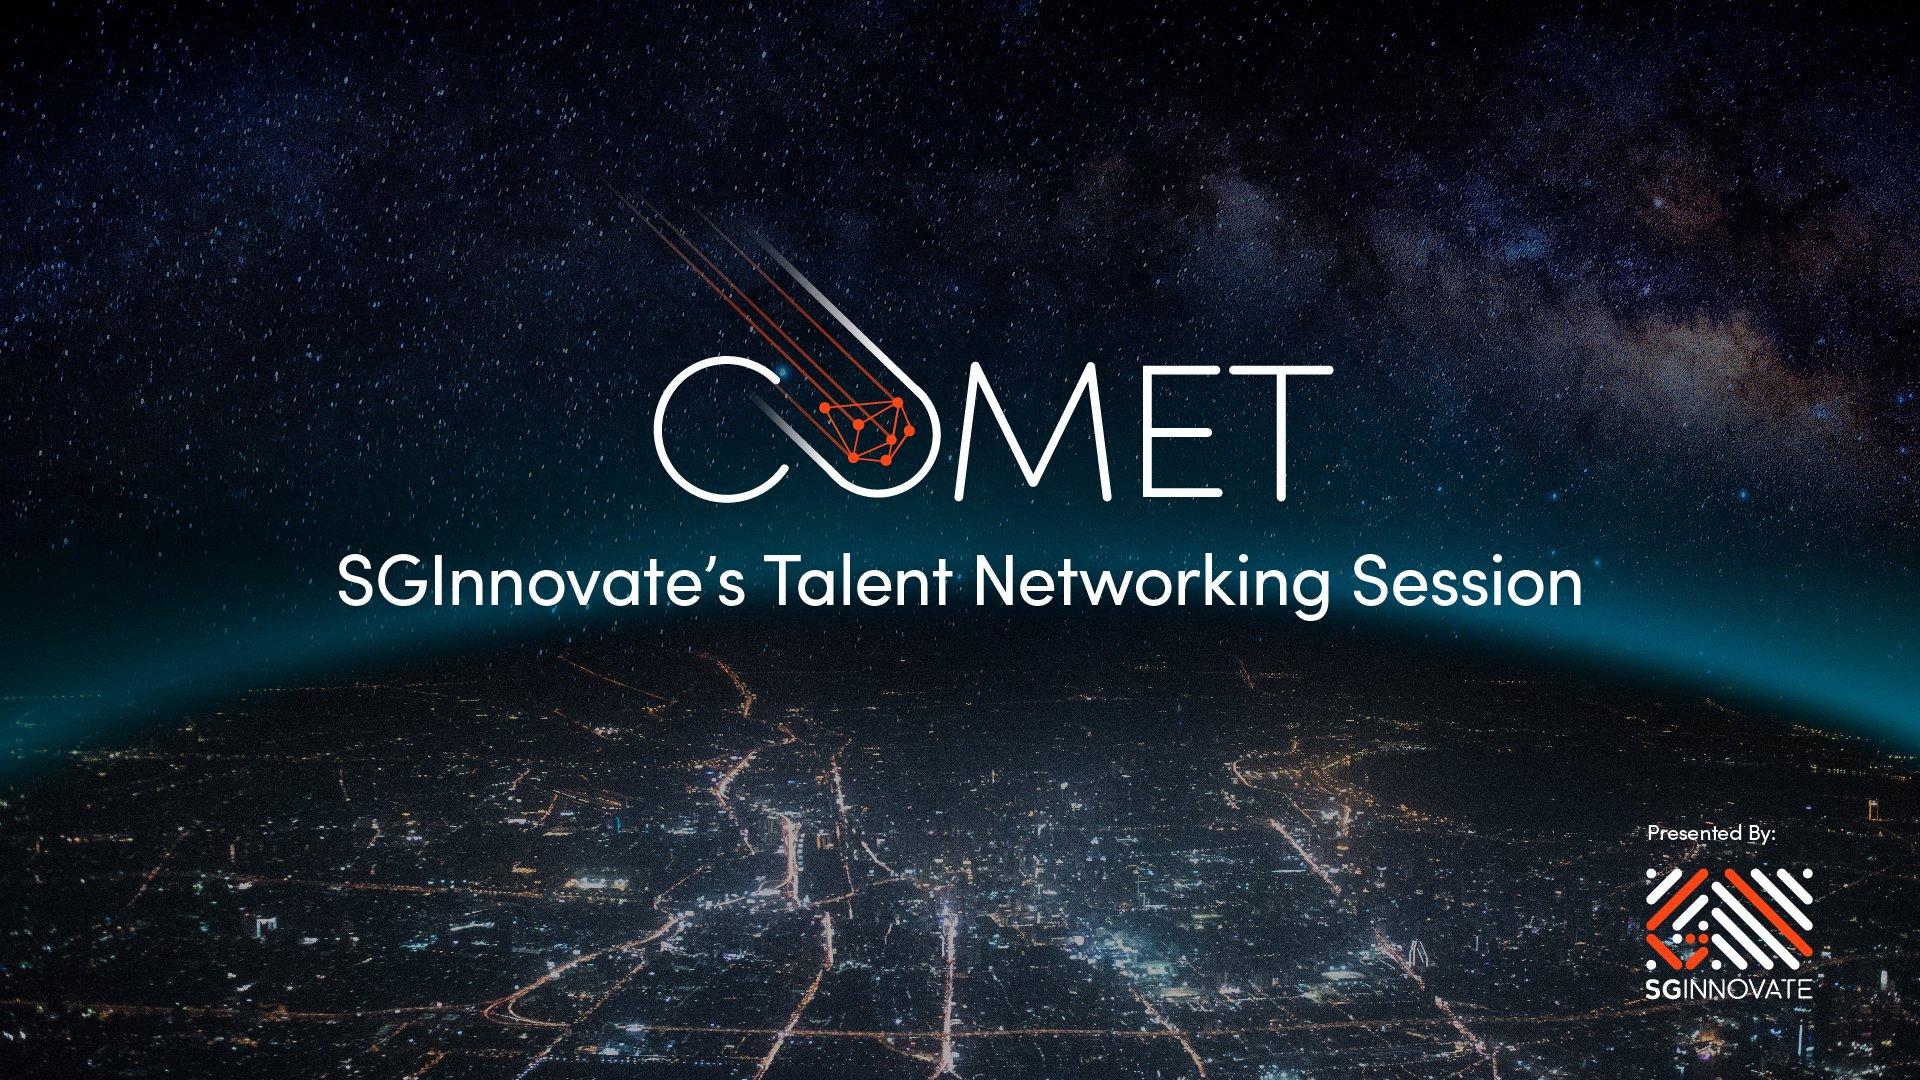 Comet visual Dec 18